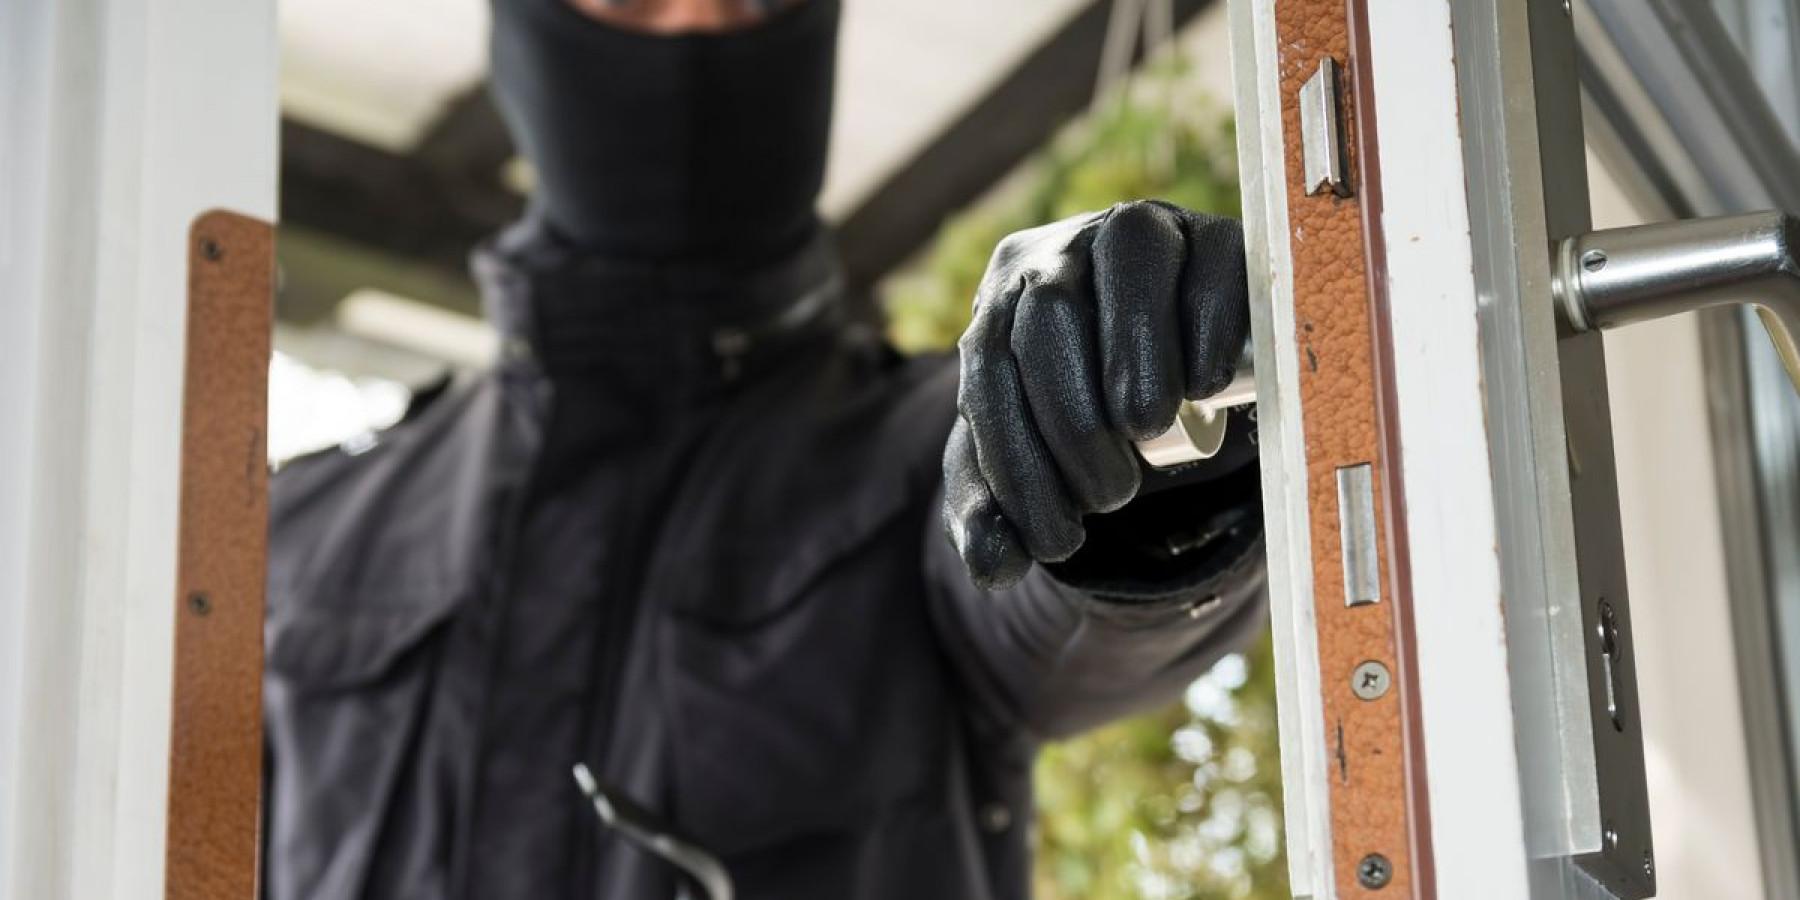 Aufmerksame Anwohner beobachten Einbrecher